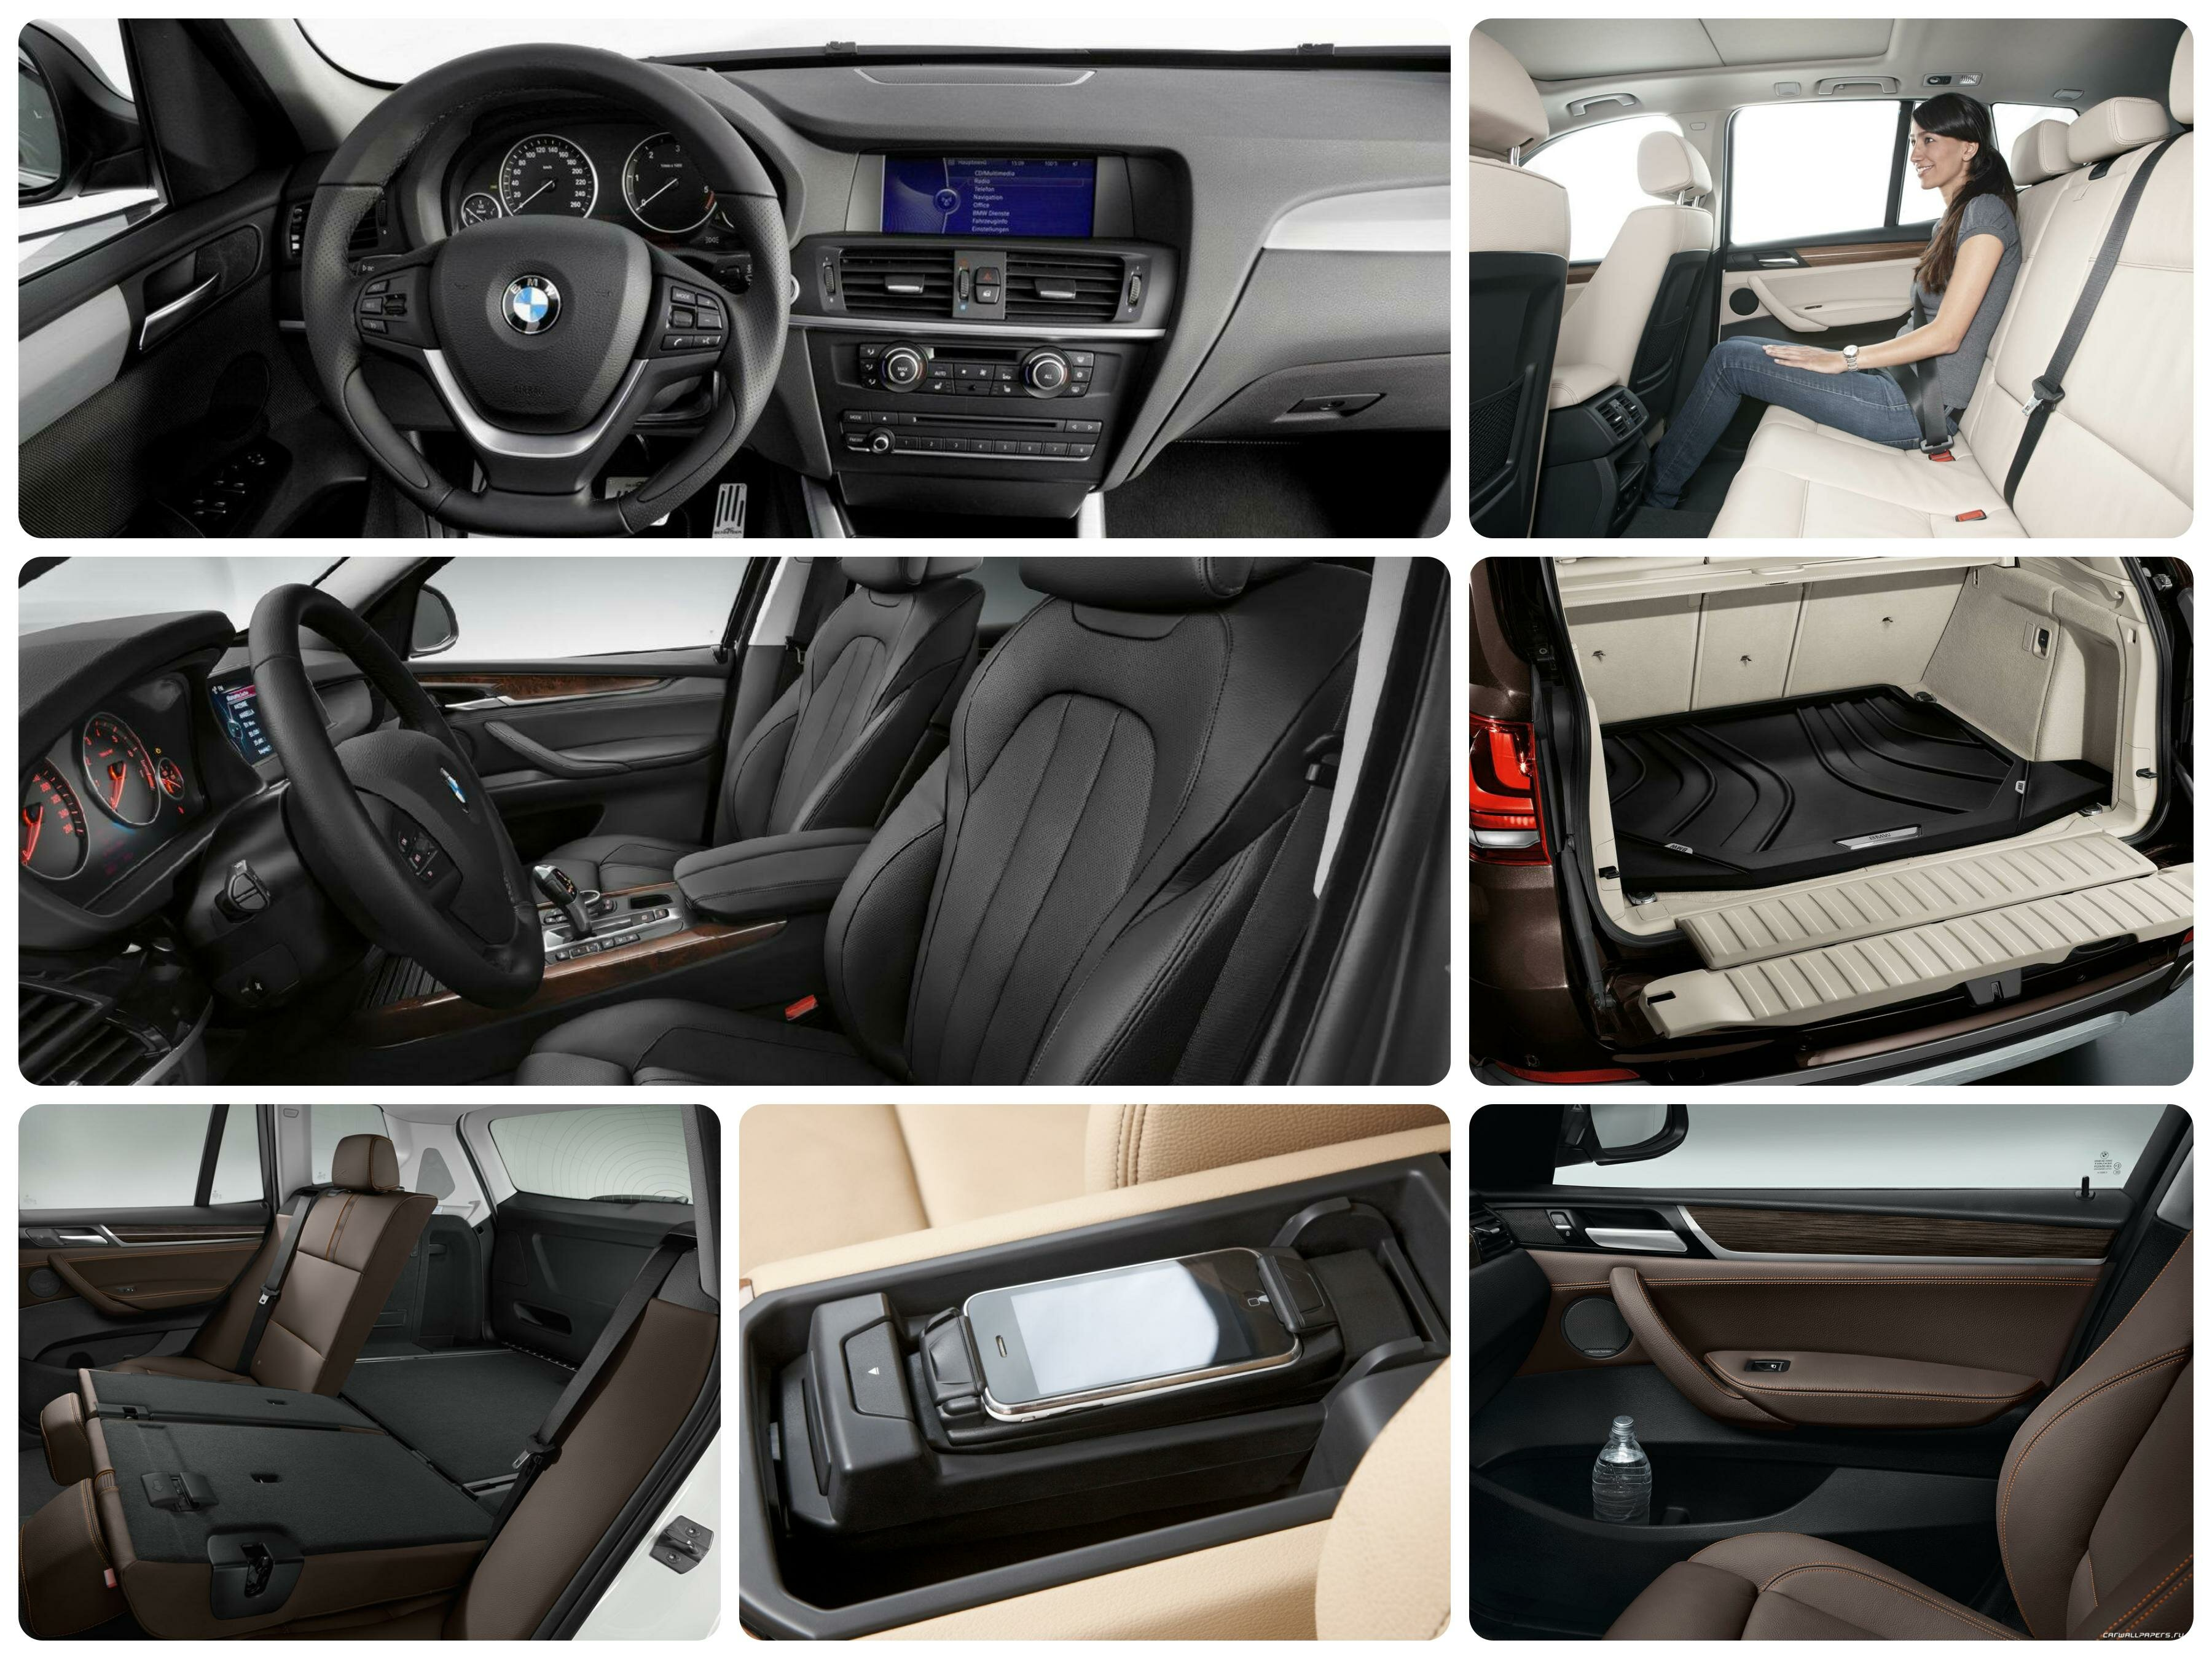 BMW x3 2017. Комплектации и цены, технические характеристики, старт продаж в России